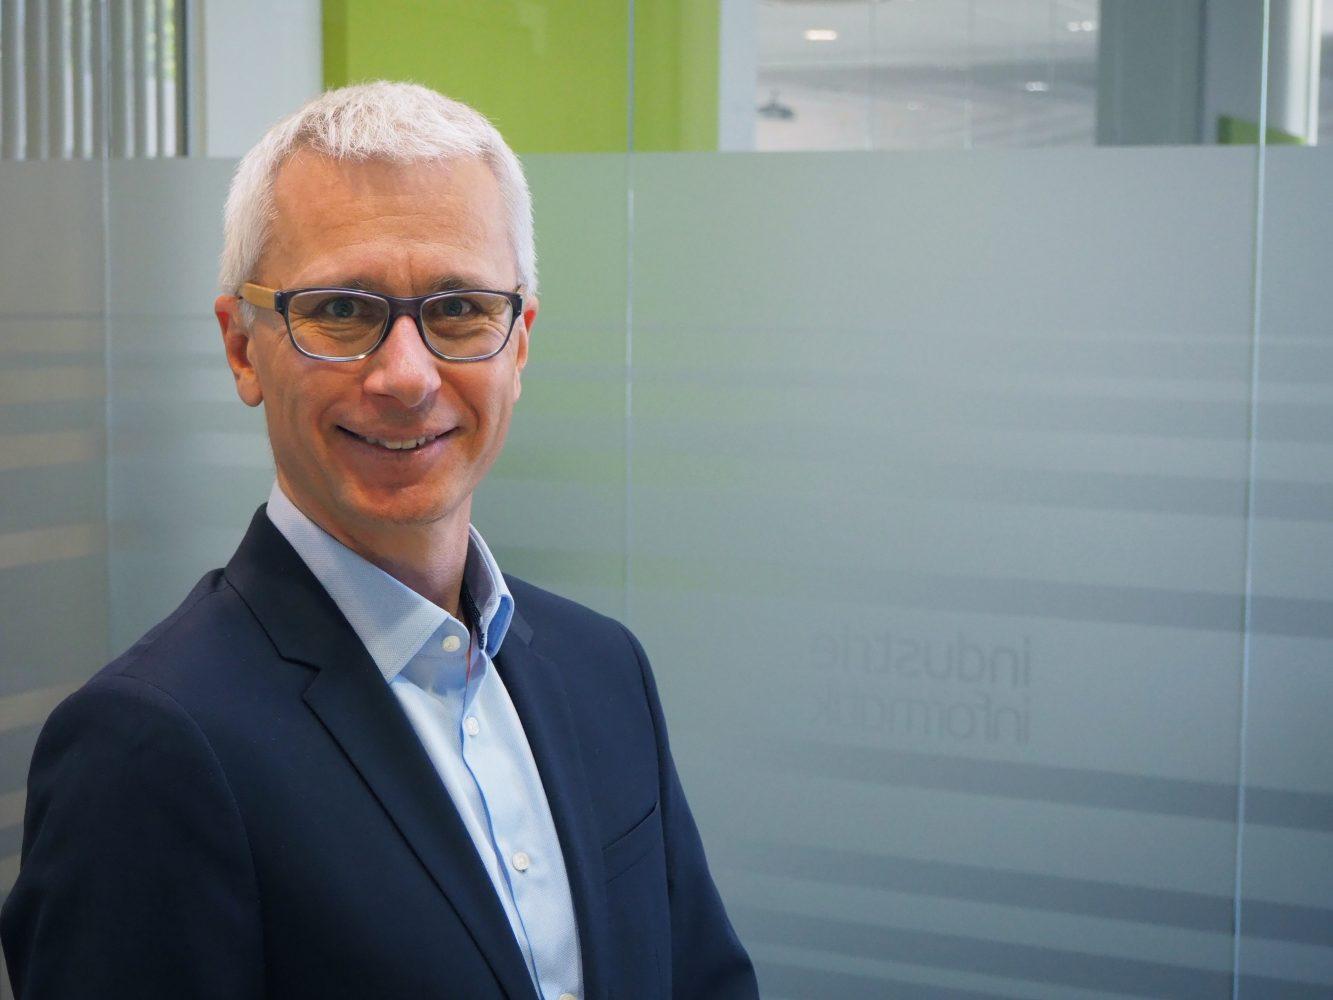 Bernhard Falkner, Geschäftsführer bei Industrie Informatik (Bild: Industrie Informatik GmbH)